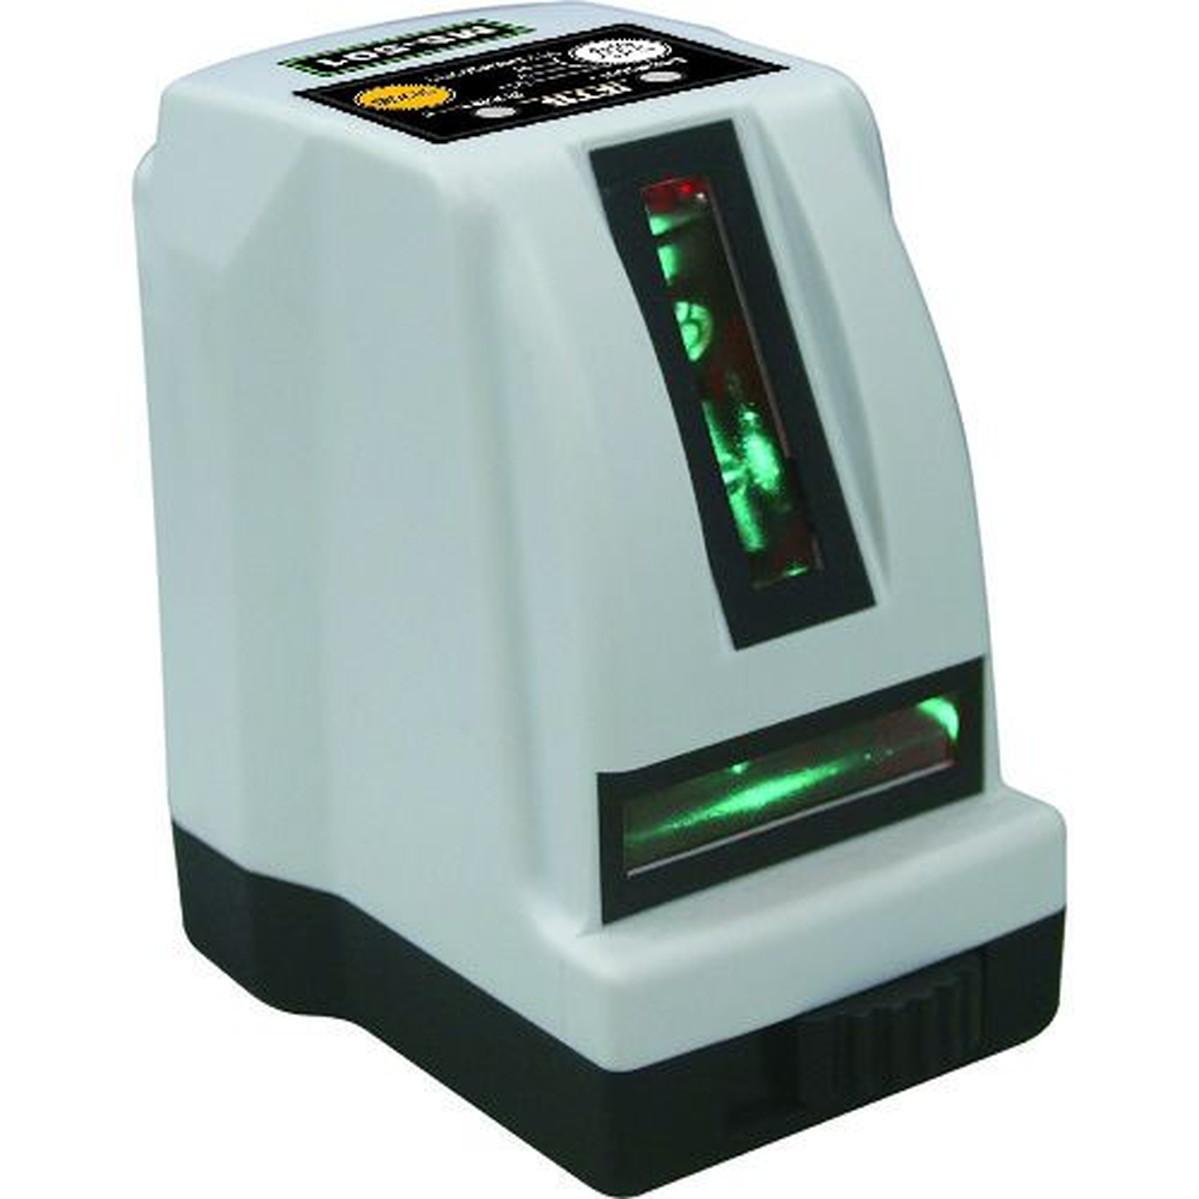 あす楽対応 DIY用品 お求めやすく価格改定 STS 1台 グリーンレーザー墨出器 MS-501 入荷予定